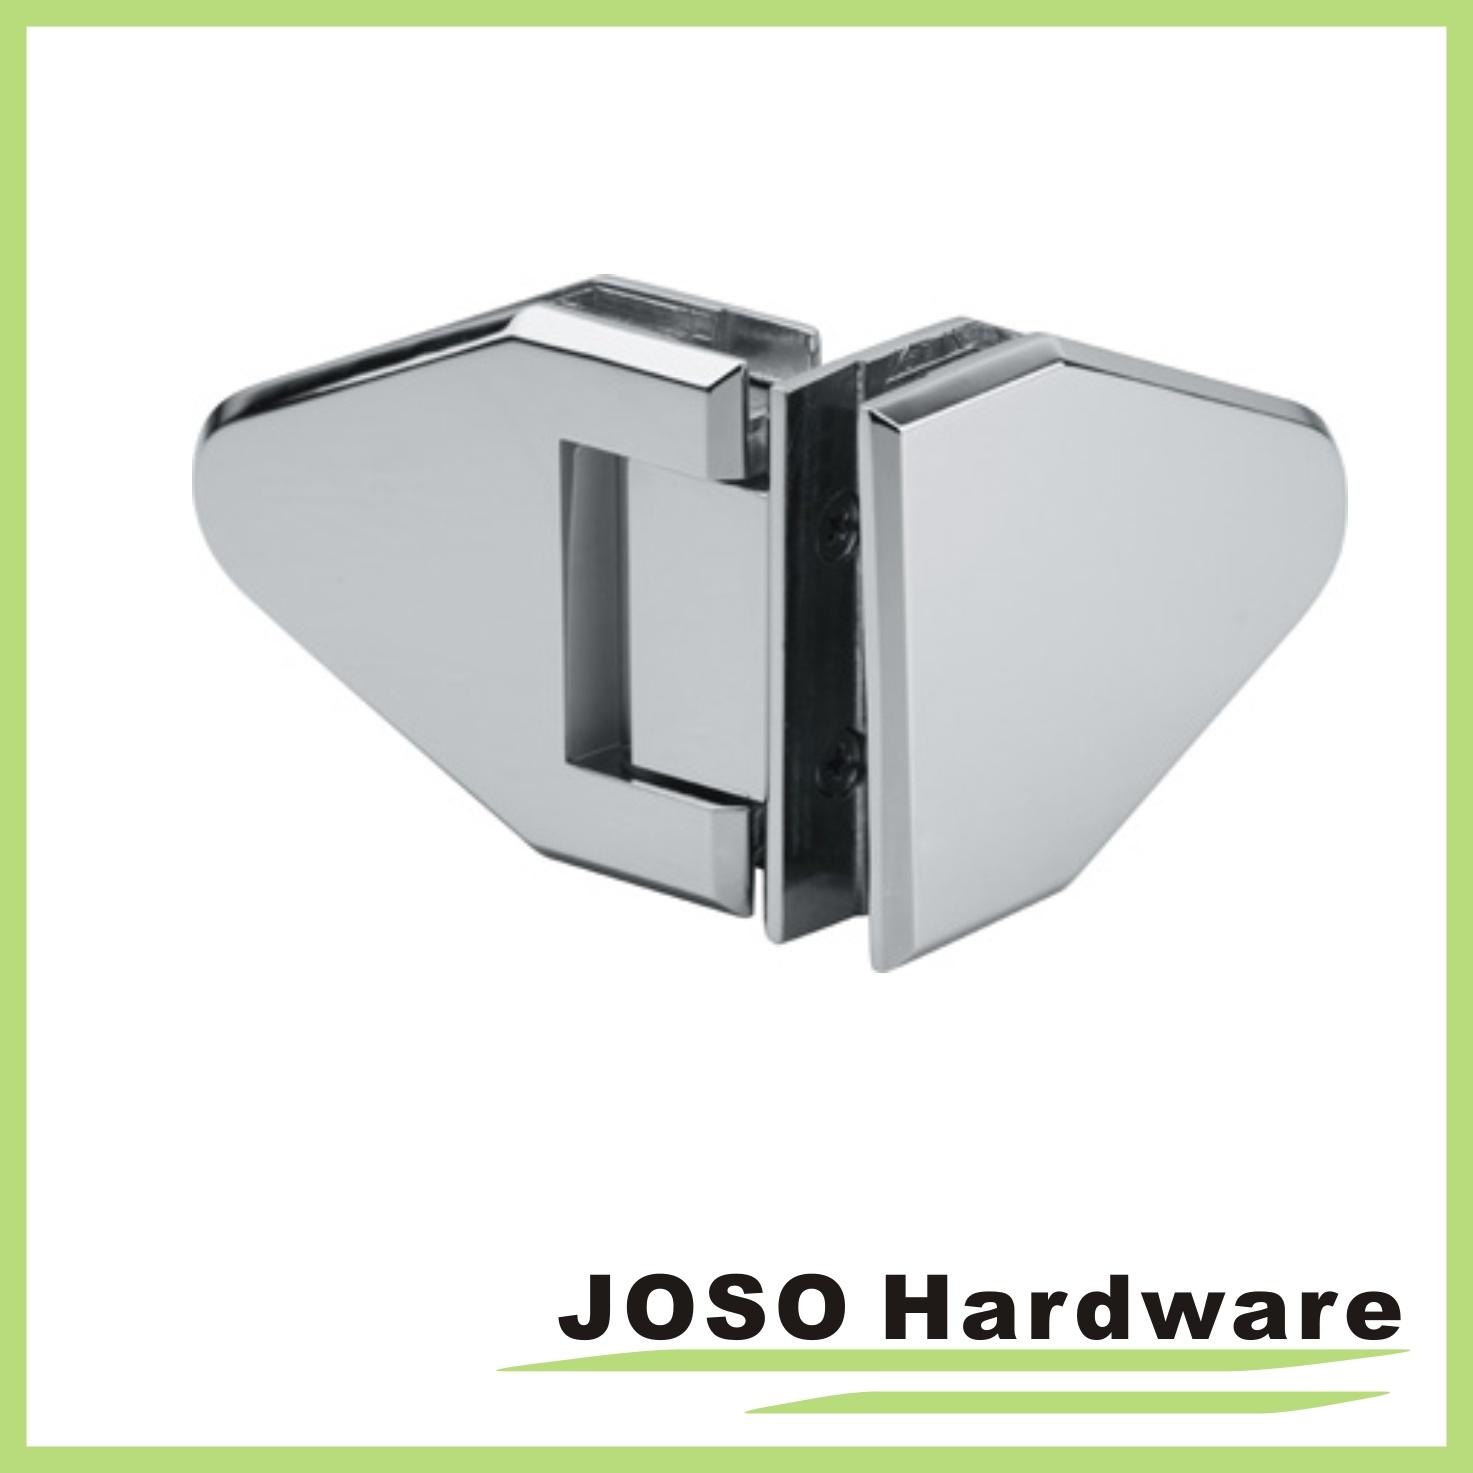 China commercial door hardware bathroom front door hardware fold hings bh8004 photos - Commercial bathroom door handle ...